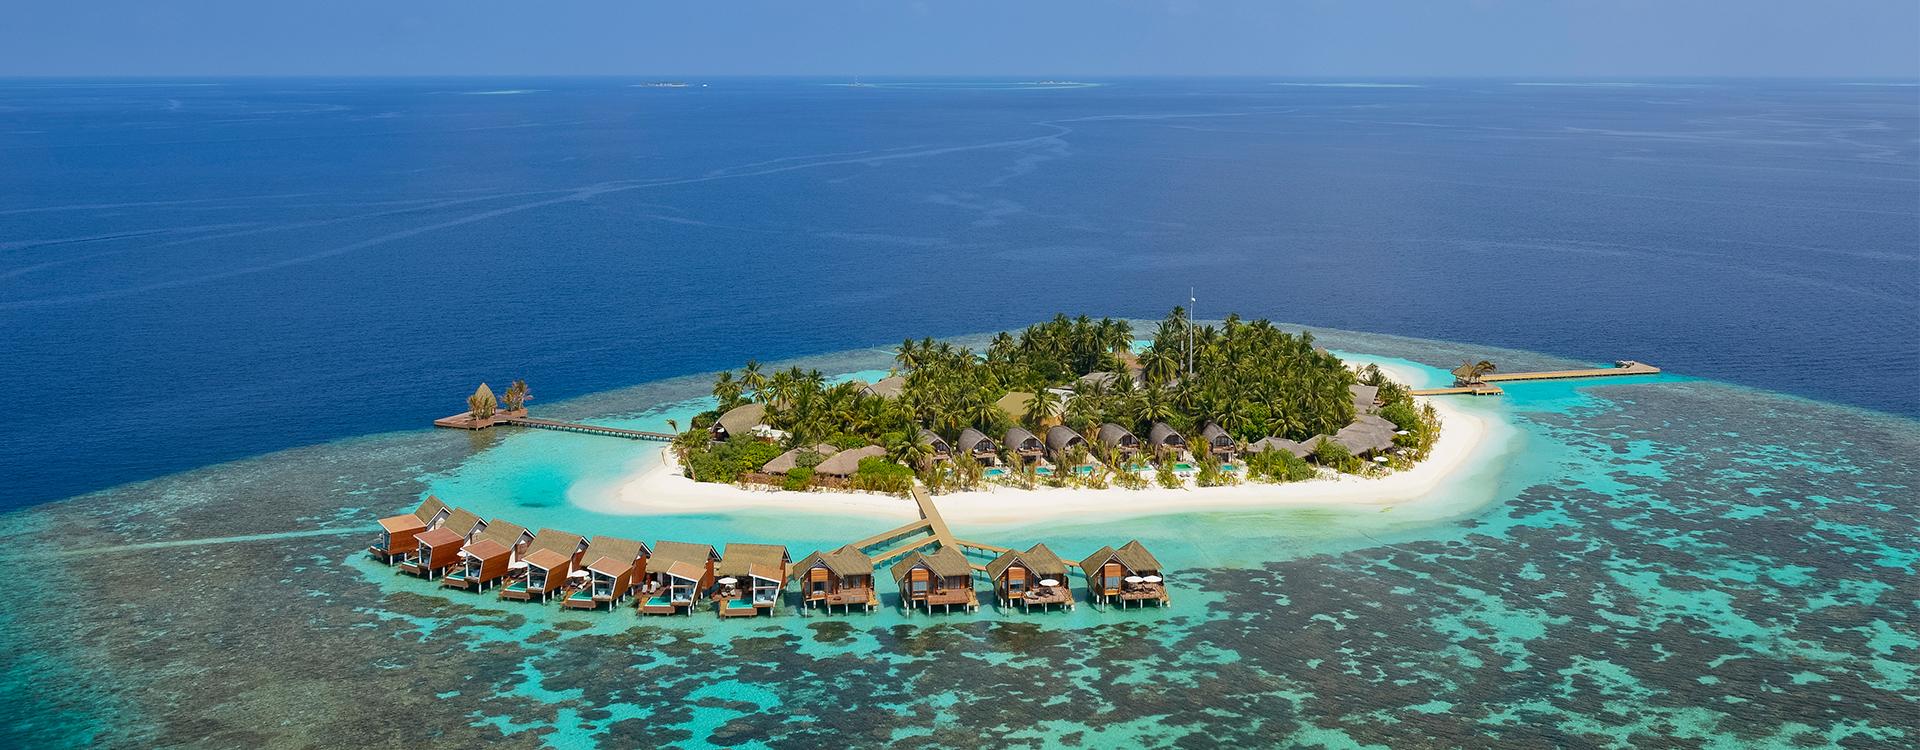 Kandolhu Resort Malediven